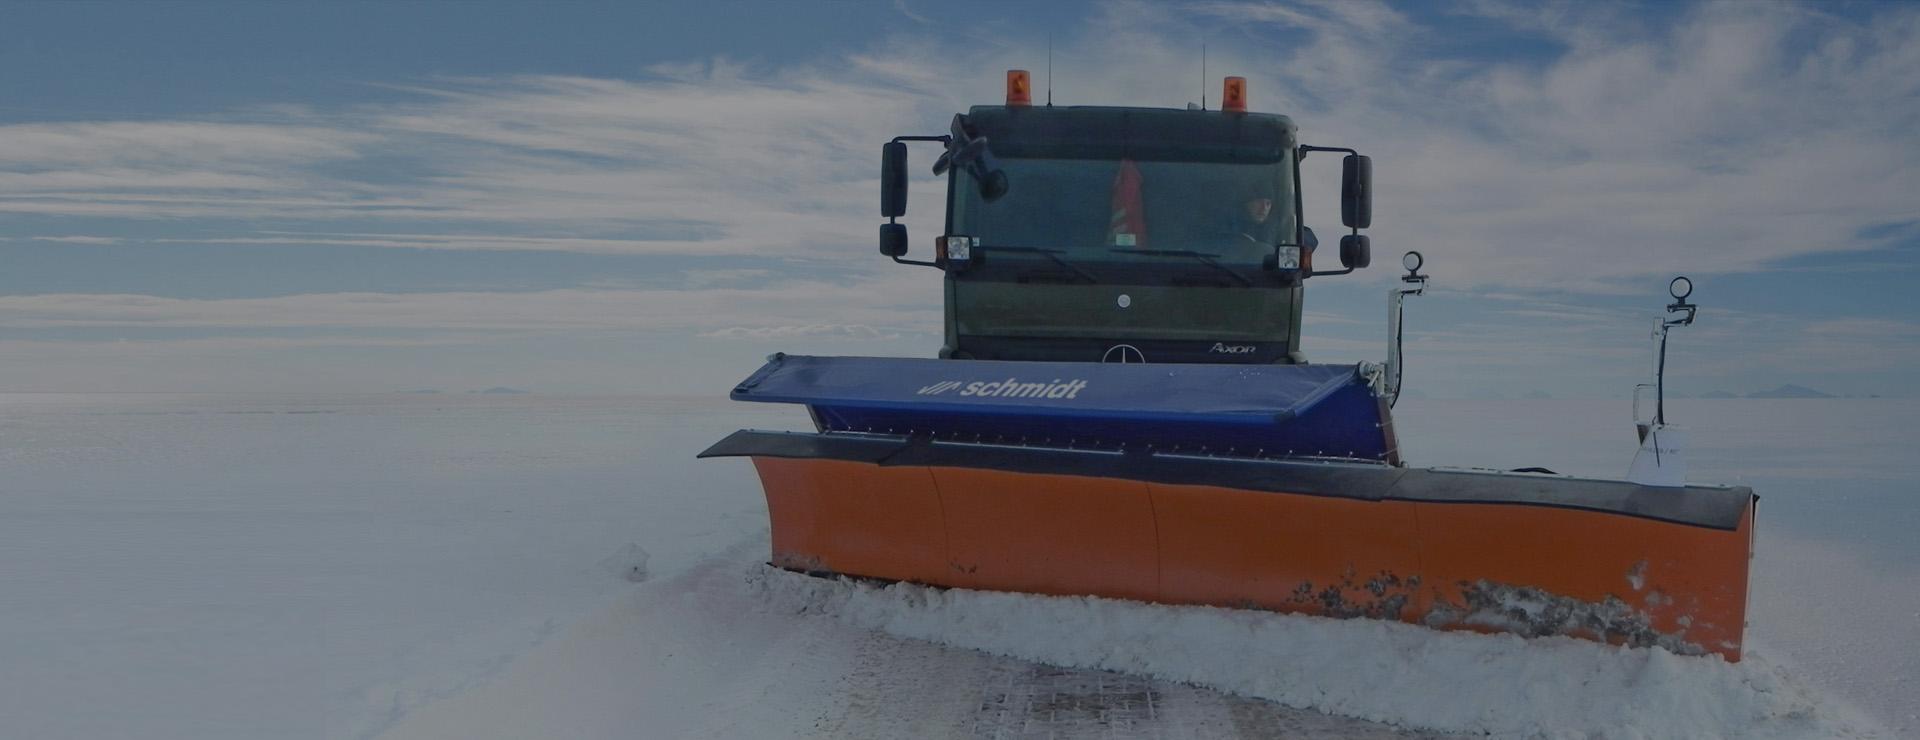 Аэродромные технологии снегоочистки SCHMIDT